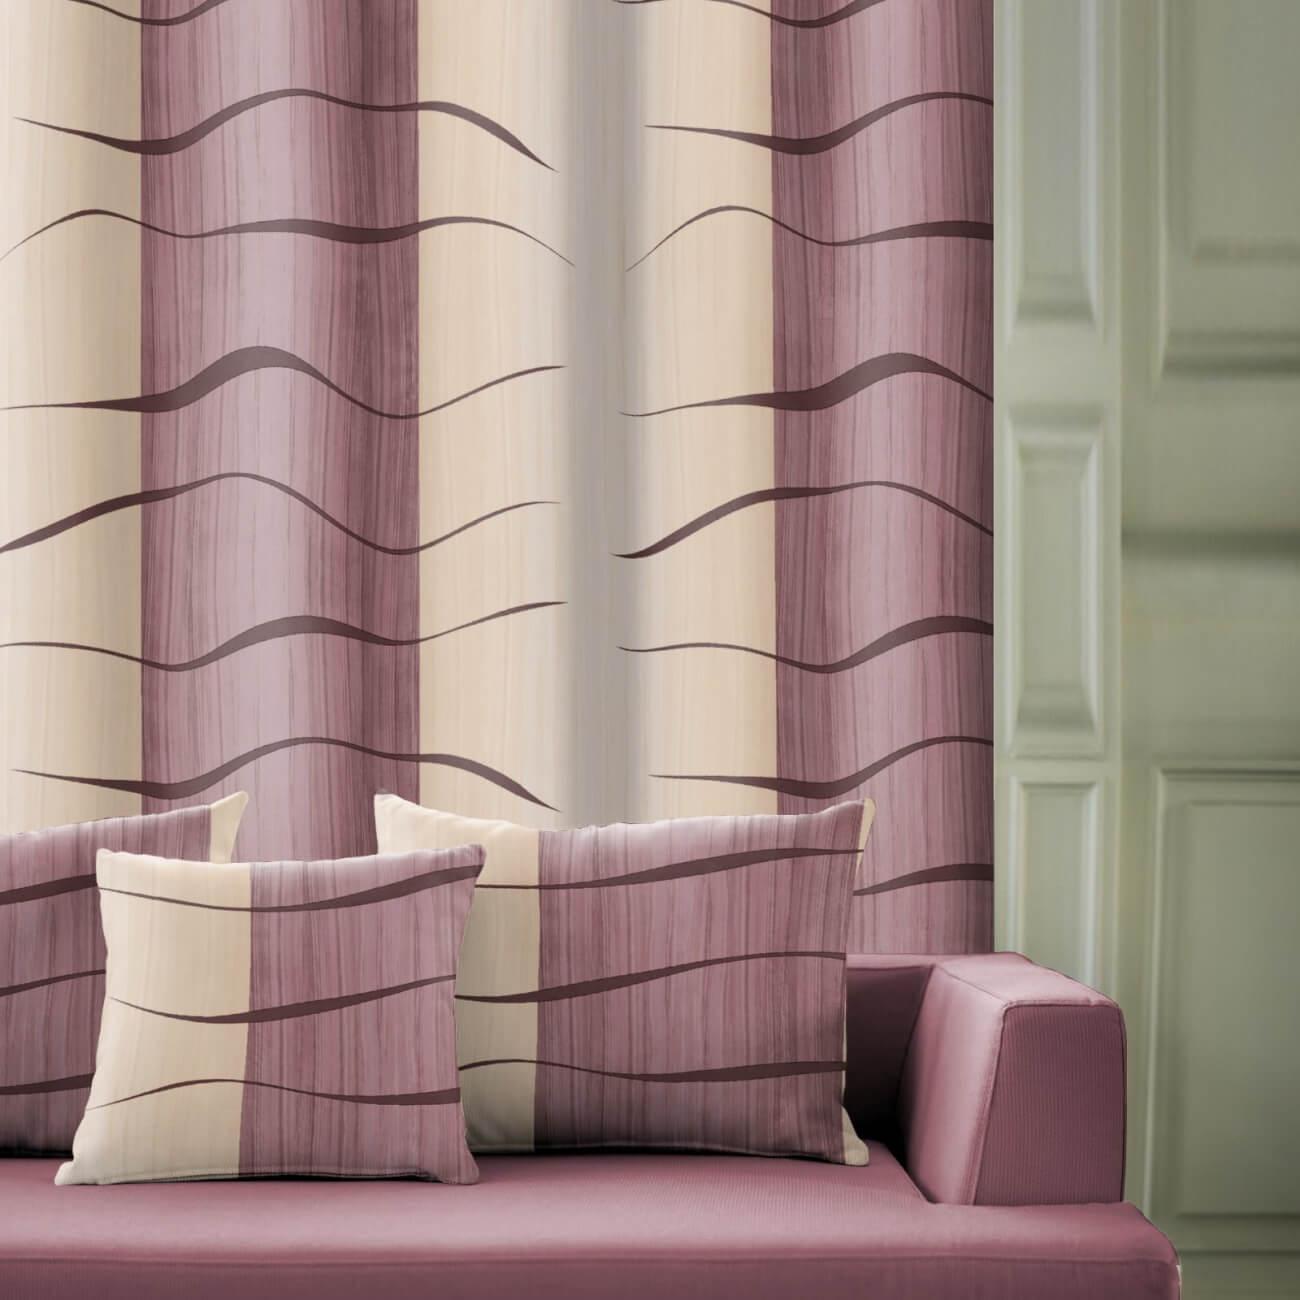 Architekt fialový, závěsovina